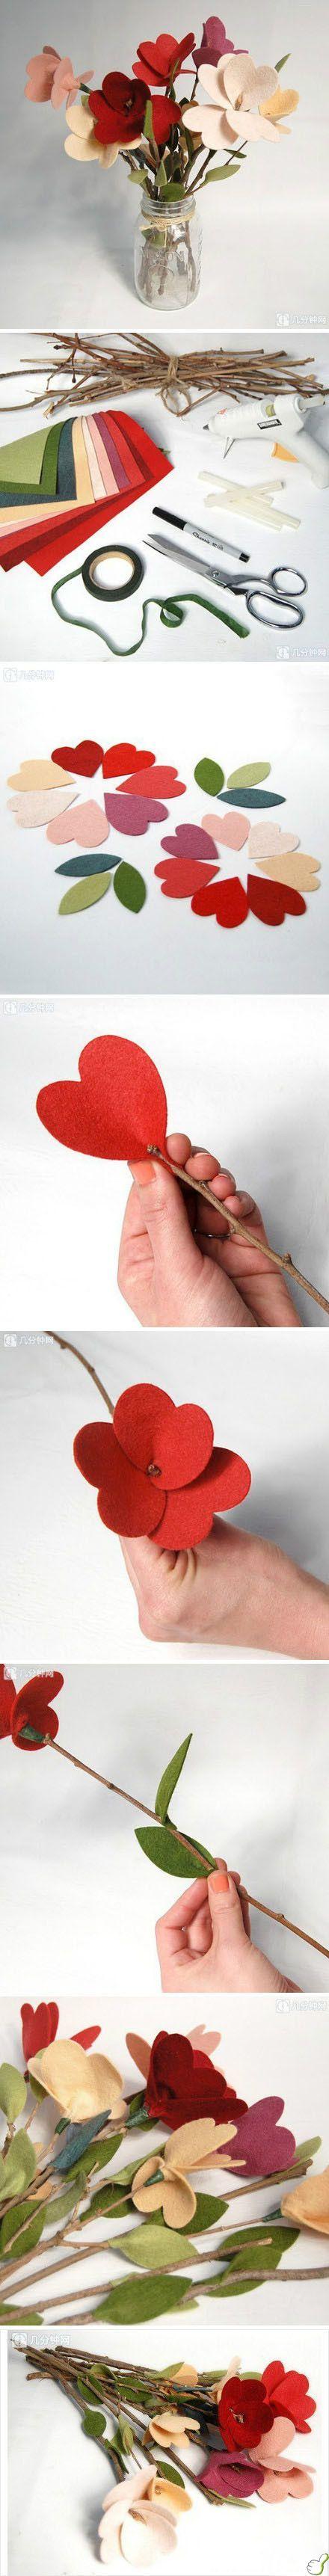 Felt Flowers photo tutorial